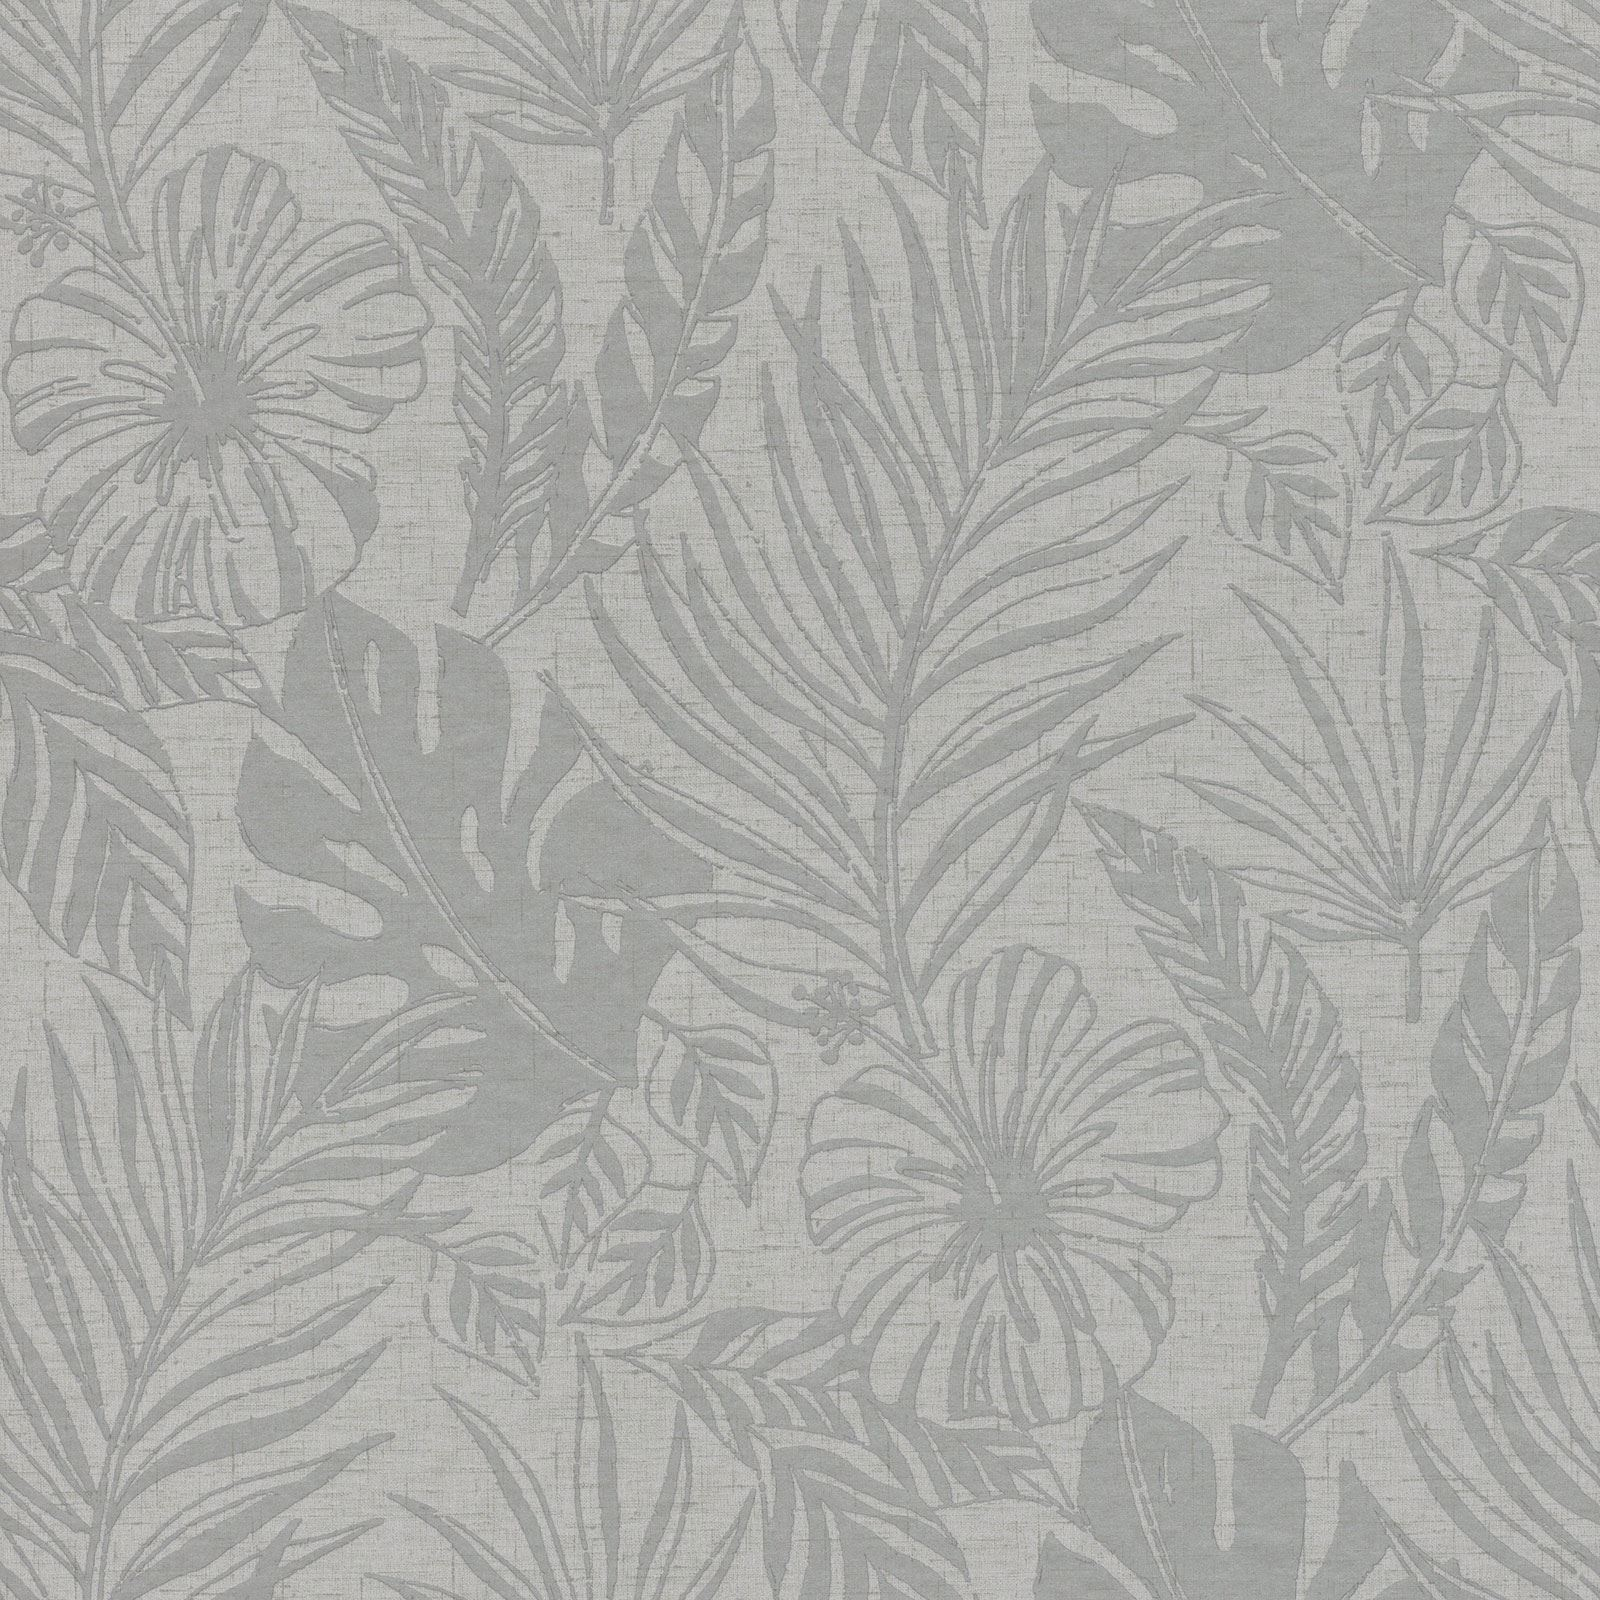 Portfolio Tropische Blatt Tapete Grau Silber Rasch